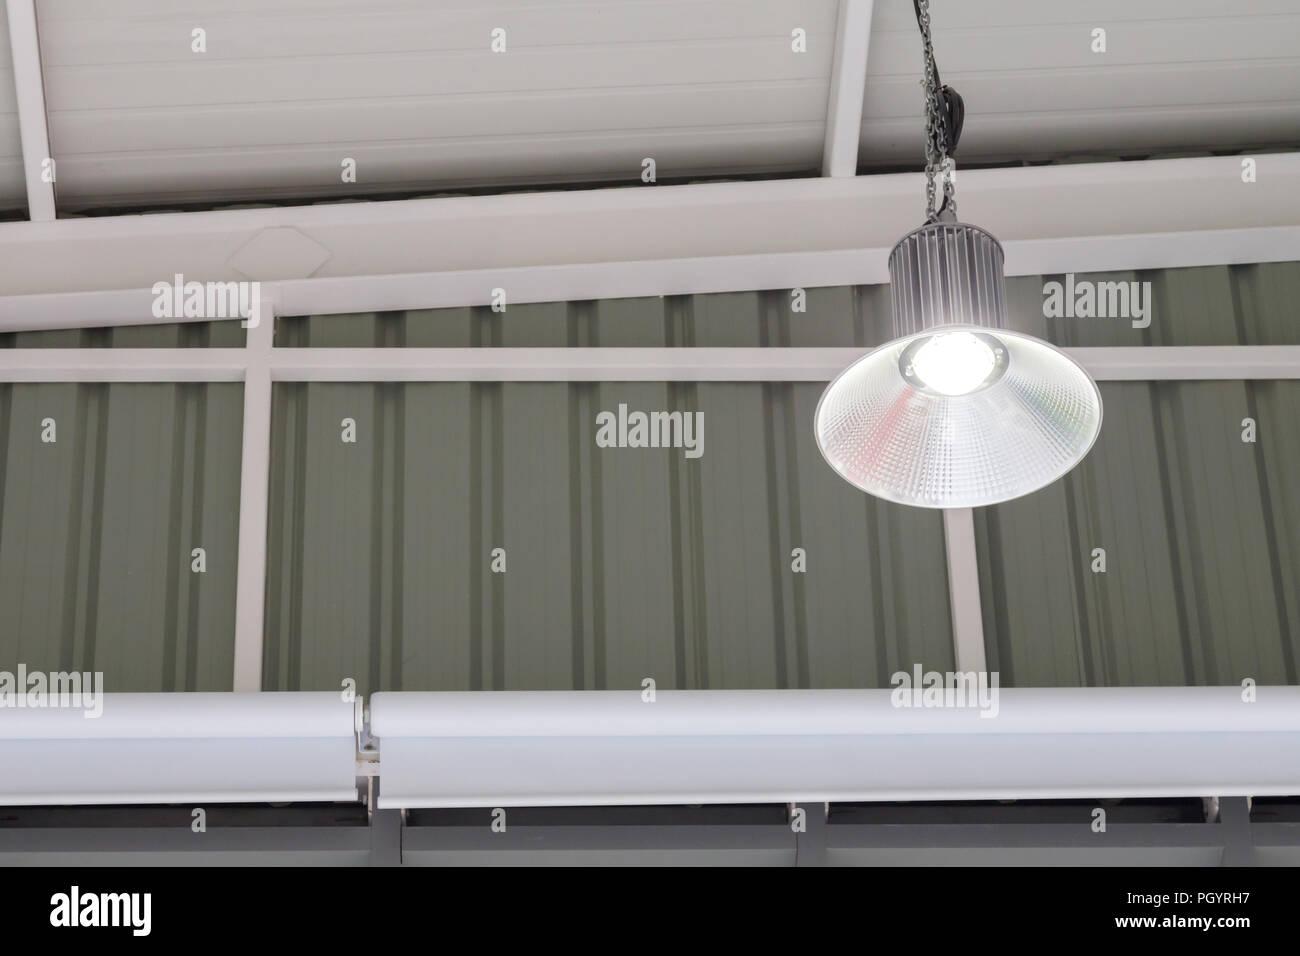 luz de es brillante Bombilla de lámpara en la LED industrial n0XwP8NOk